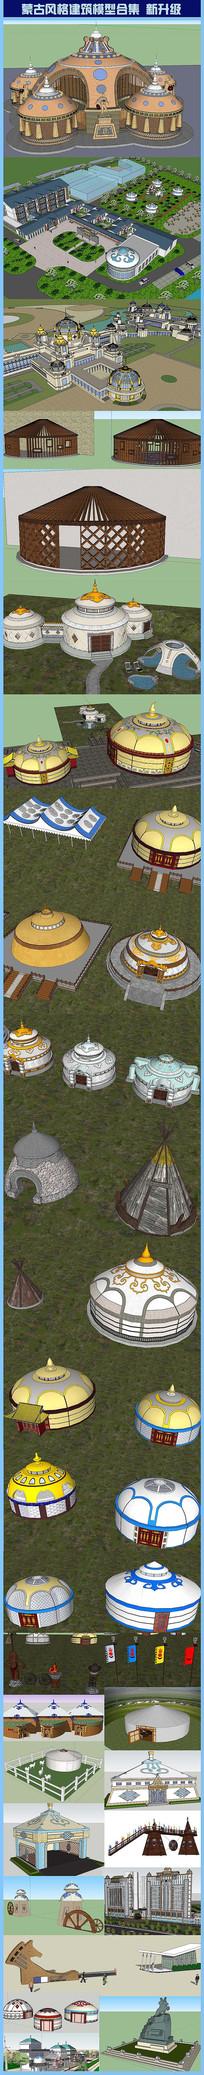 蒙古包帐篷蒙古风格建筑模型 skp